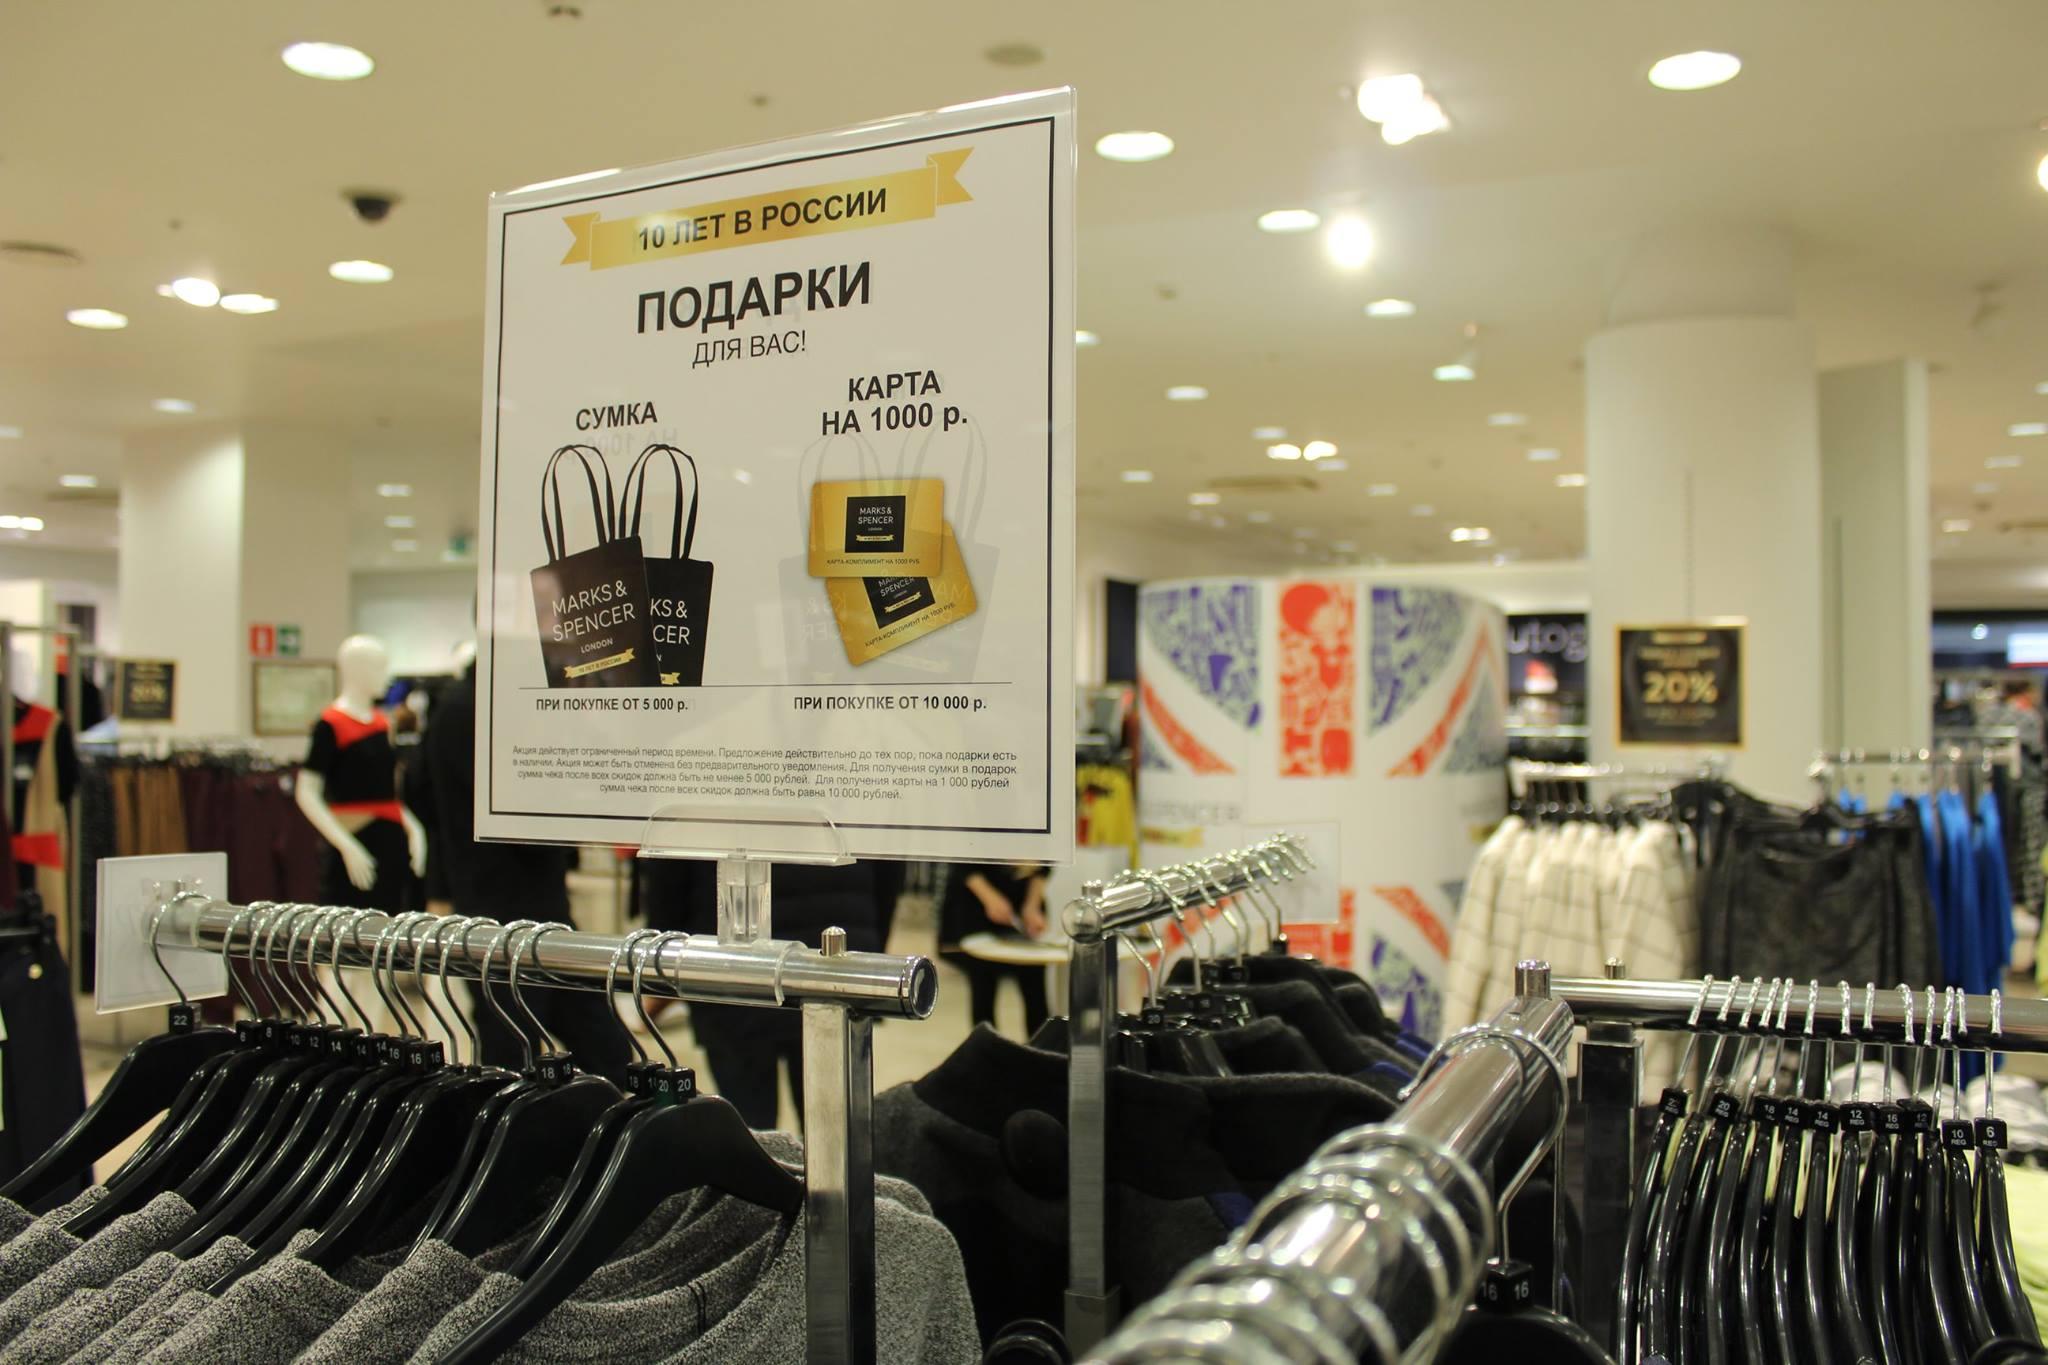 79f8722bfb0d Британская сеть Marks   Spencer займется обновлением своих 35 торговых  объектов бренда одежды. Речь идет об обновлении внешнего вида магазинов, ...